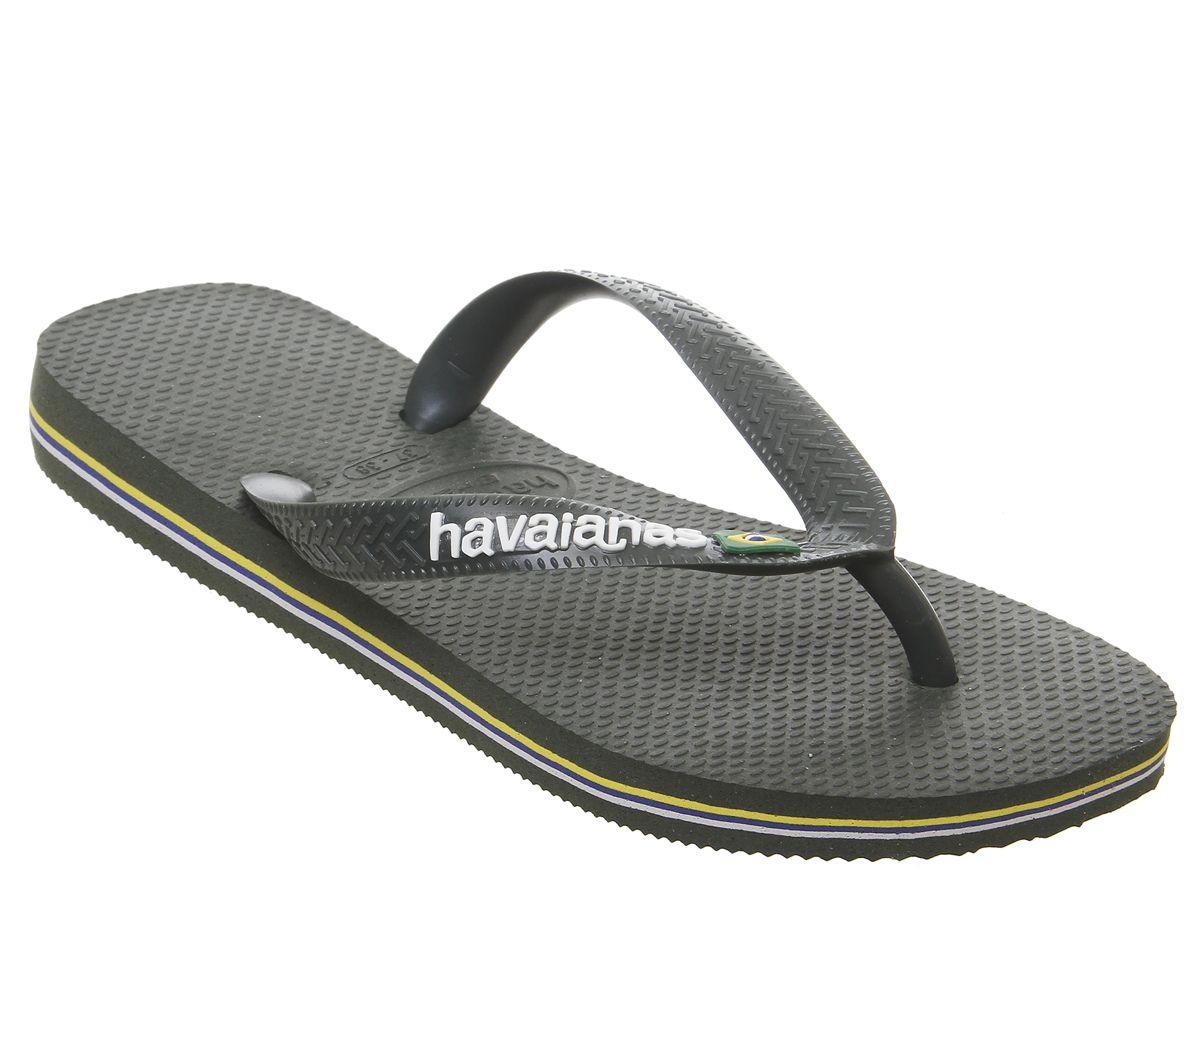 Havaianas enfant Brésil Enfants Tongs Sandales De Plage Choix de 3 UK 5-EU 22